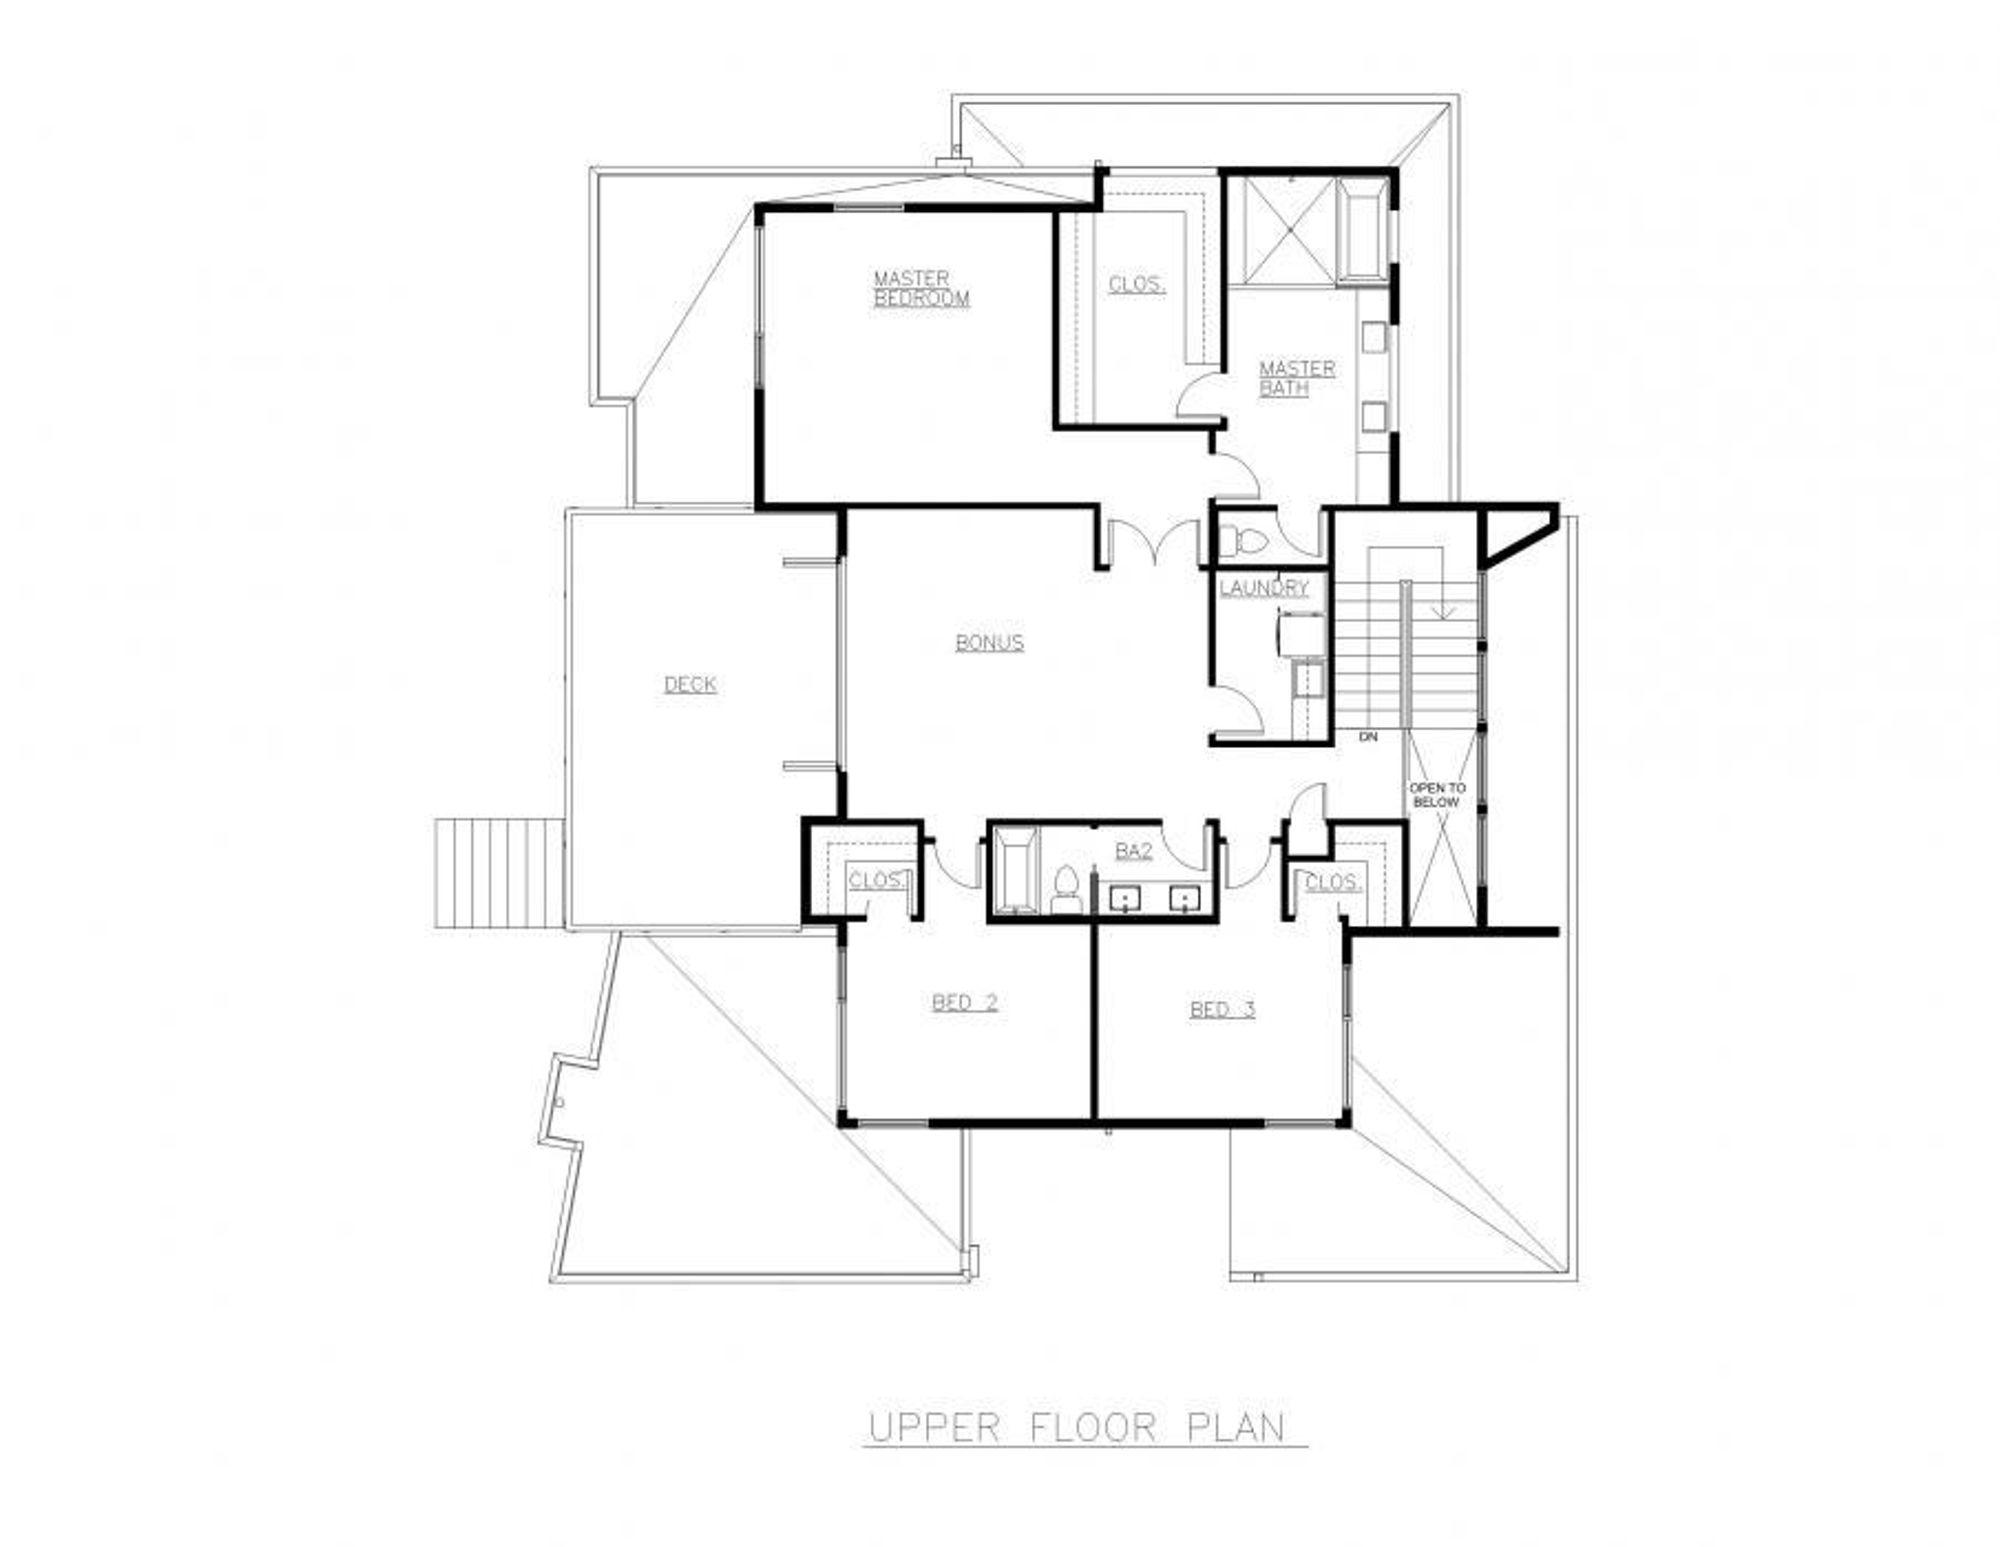 Oslo Upper Floor Plan